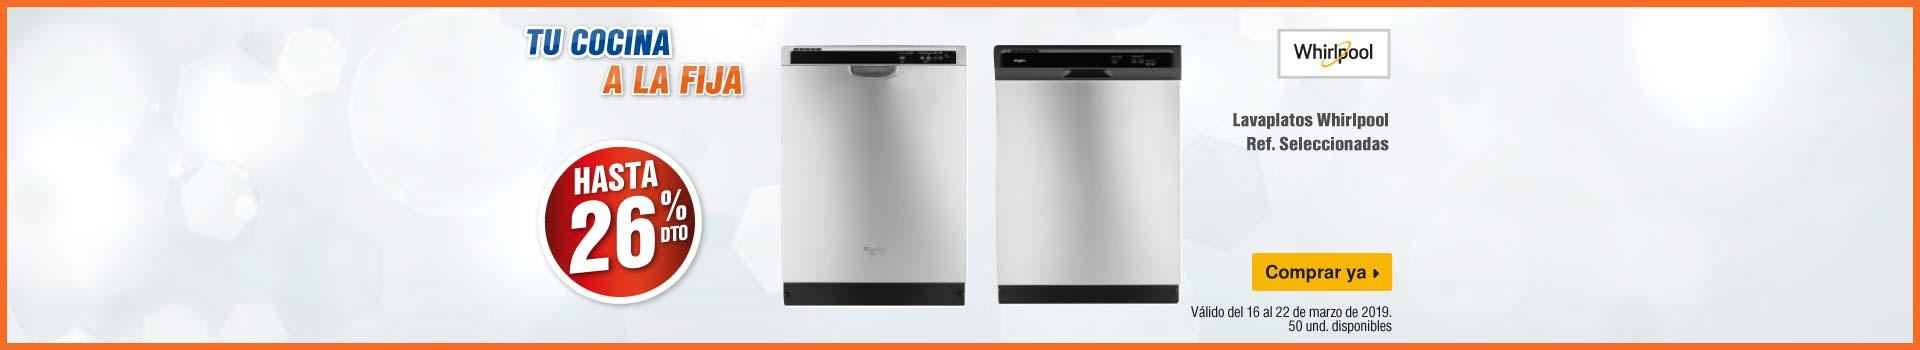 AK-KT-mayores-1-ELECT-BCAT-cocina-WHIRLPOOL-160319-3